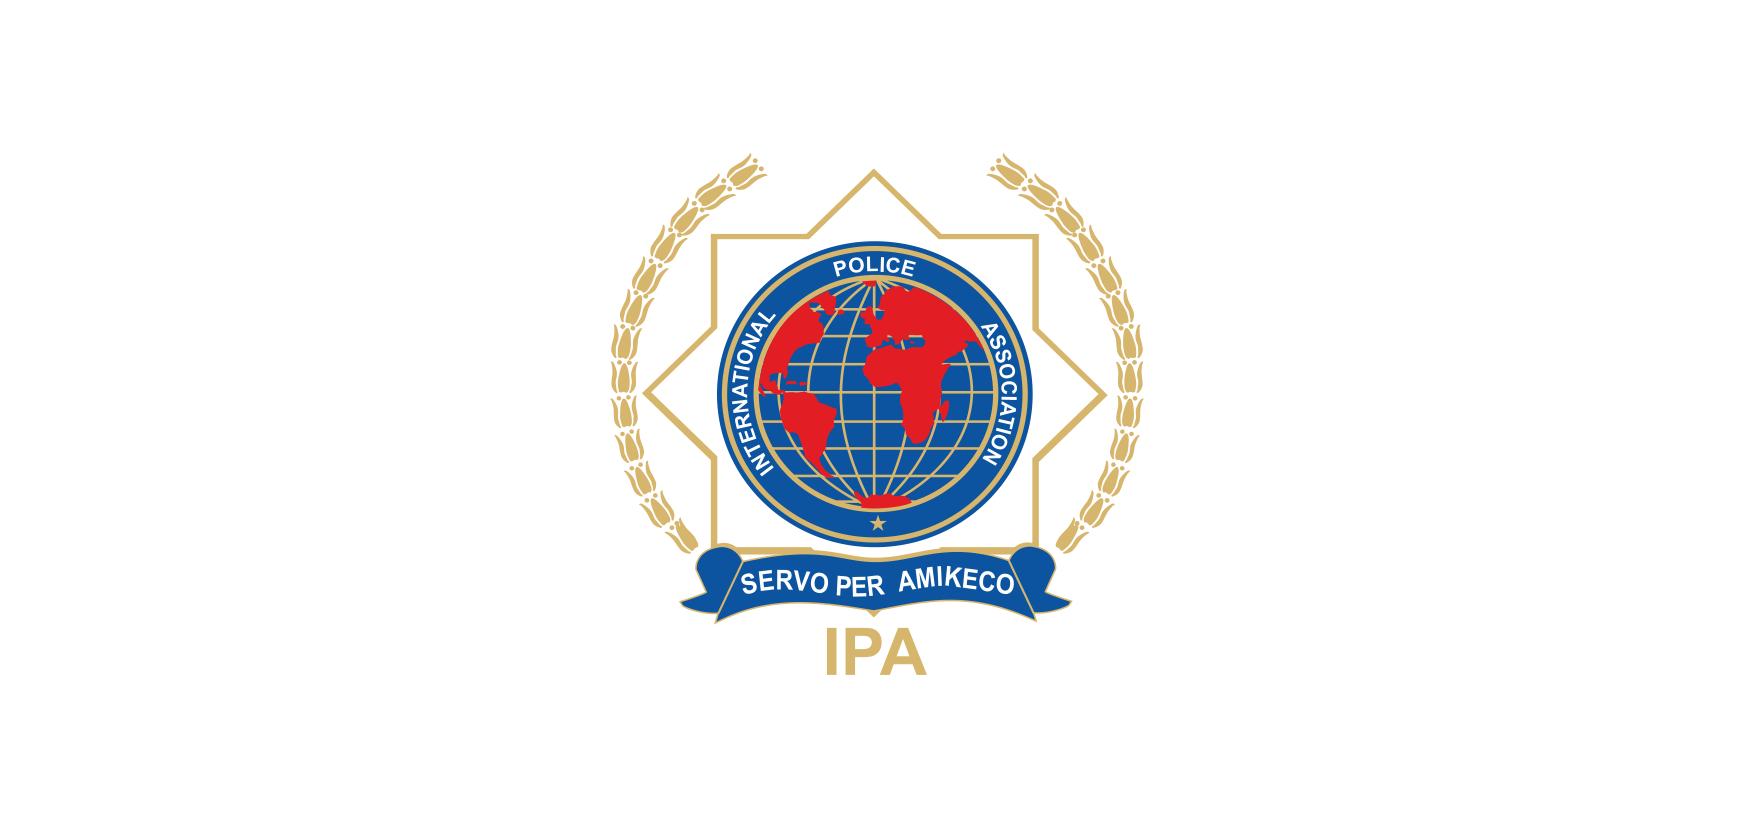 poza-ipa.png